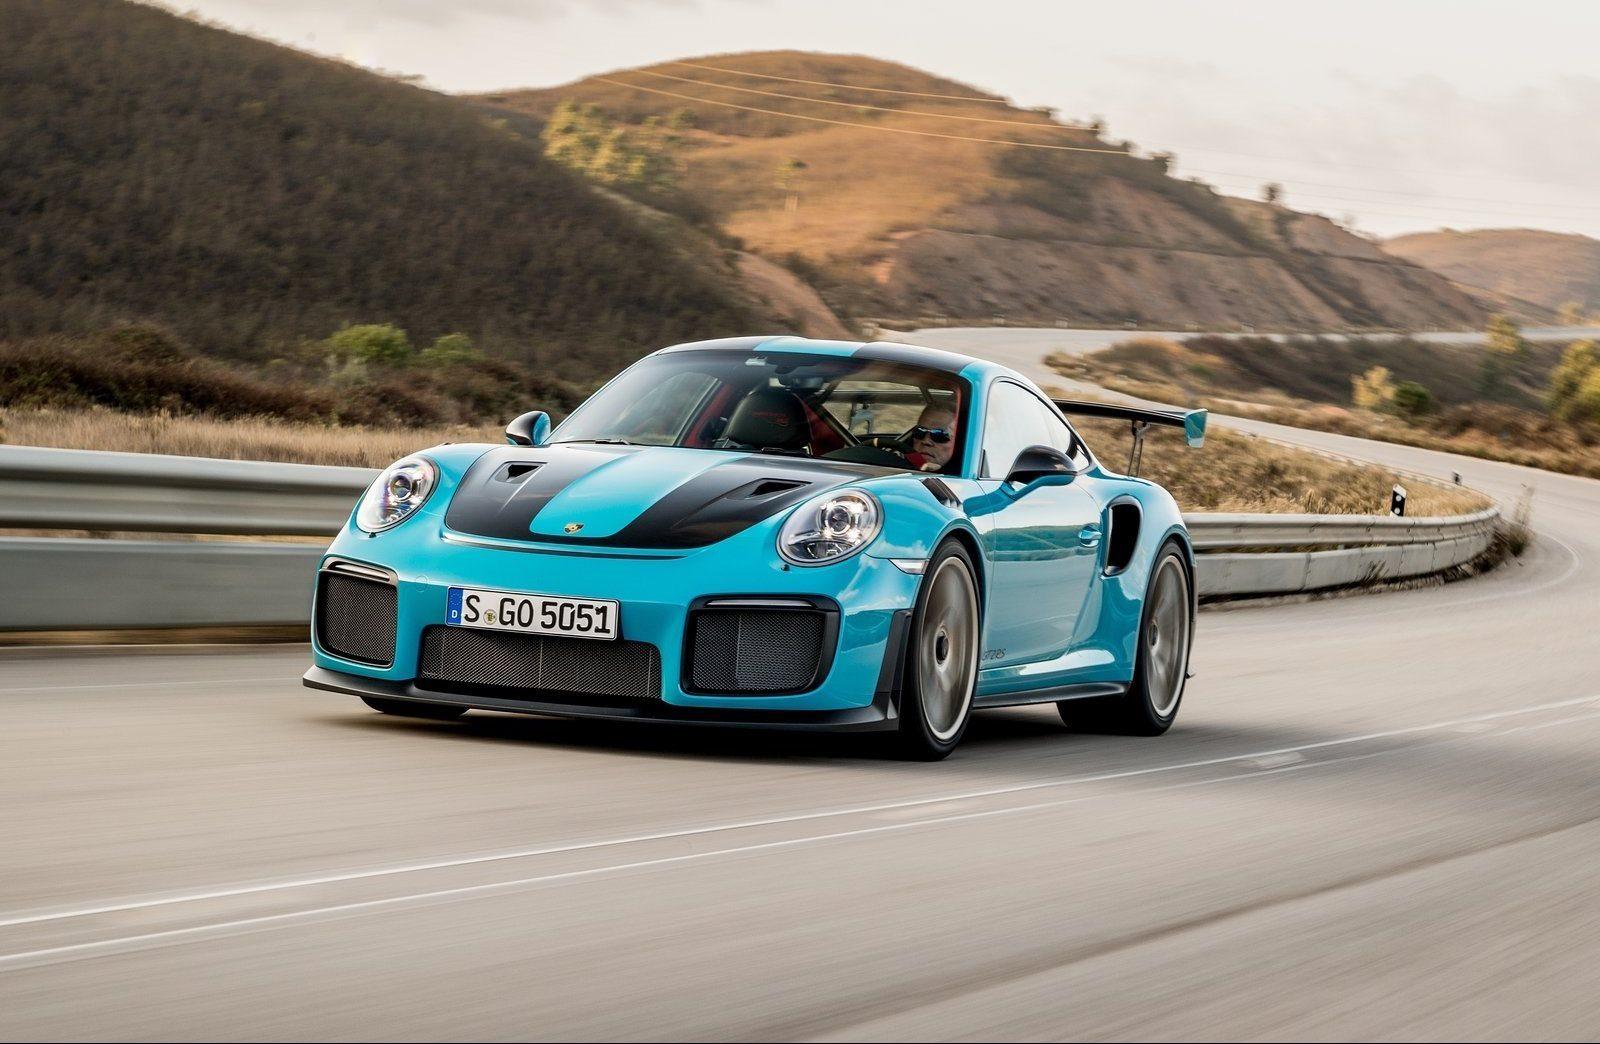 Porsche-911_GT2_RS-2018-1600-4f-e1539120166259